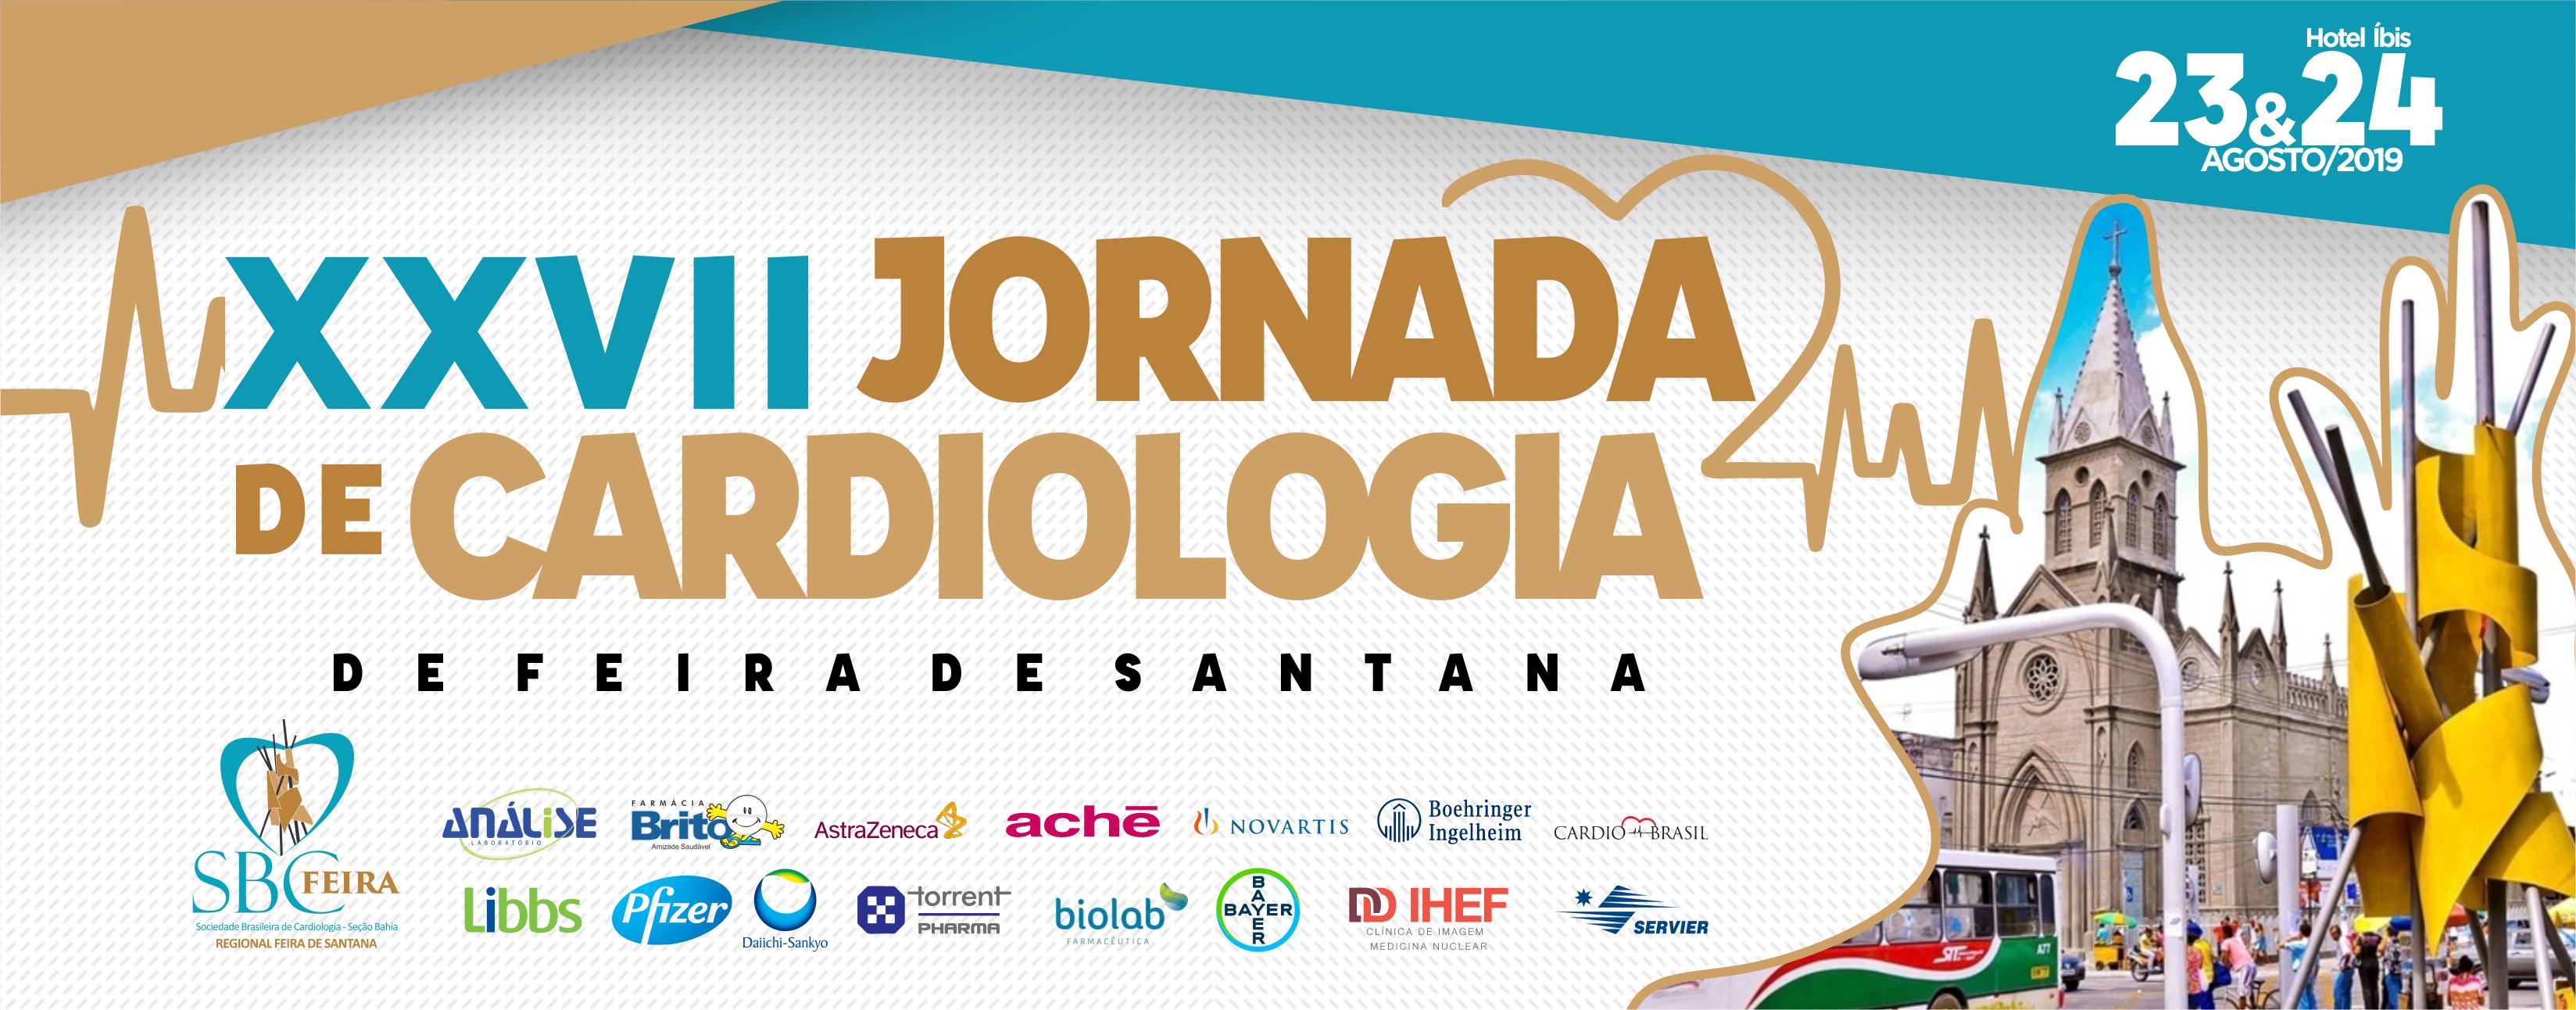 Jornada de Cardiologia